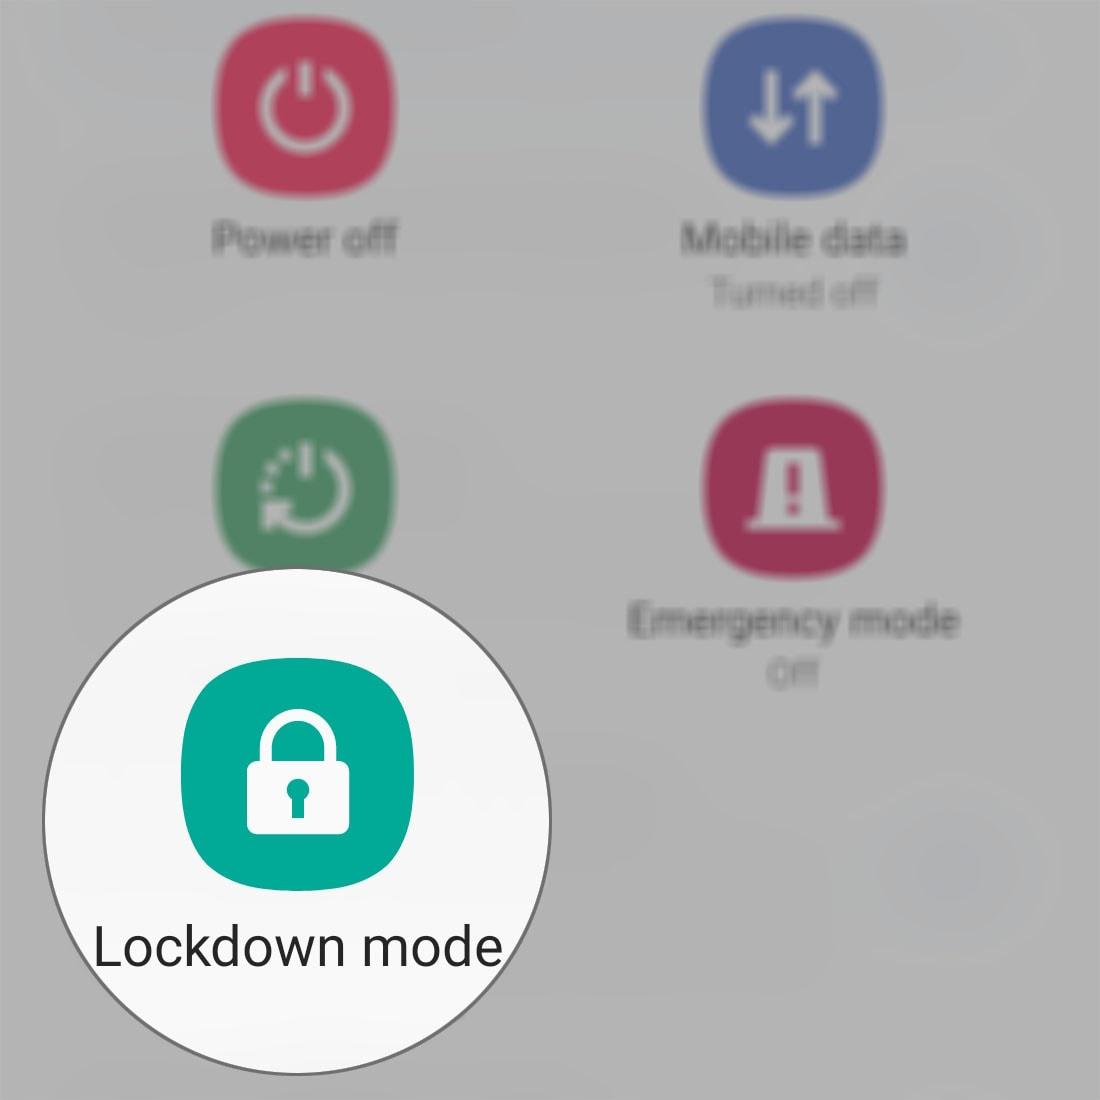 lockdown mode power option